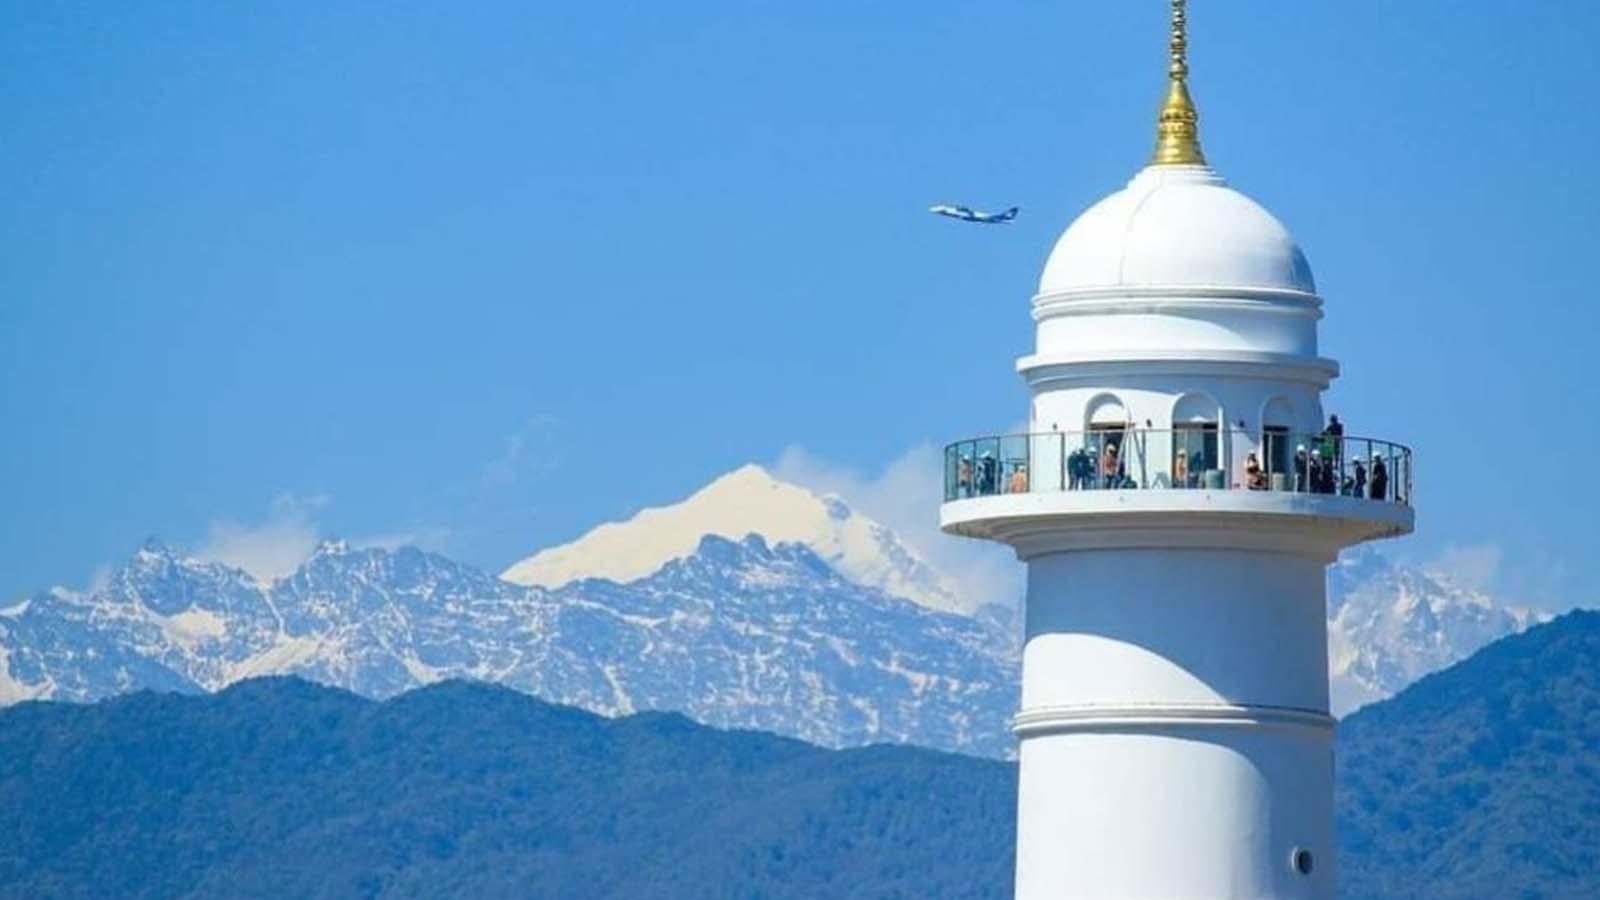 'धरहरा चढ्दा आइफल टावर चढेजस्तै अनुभव भयो'